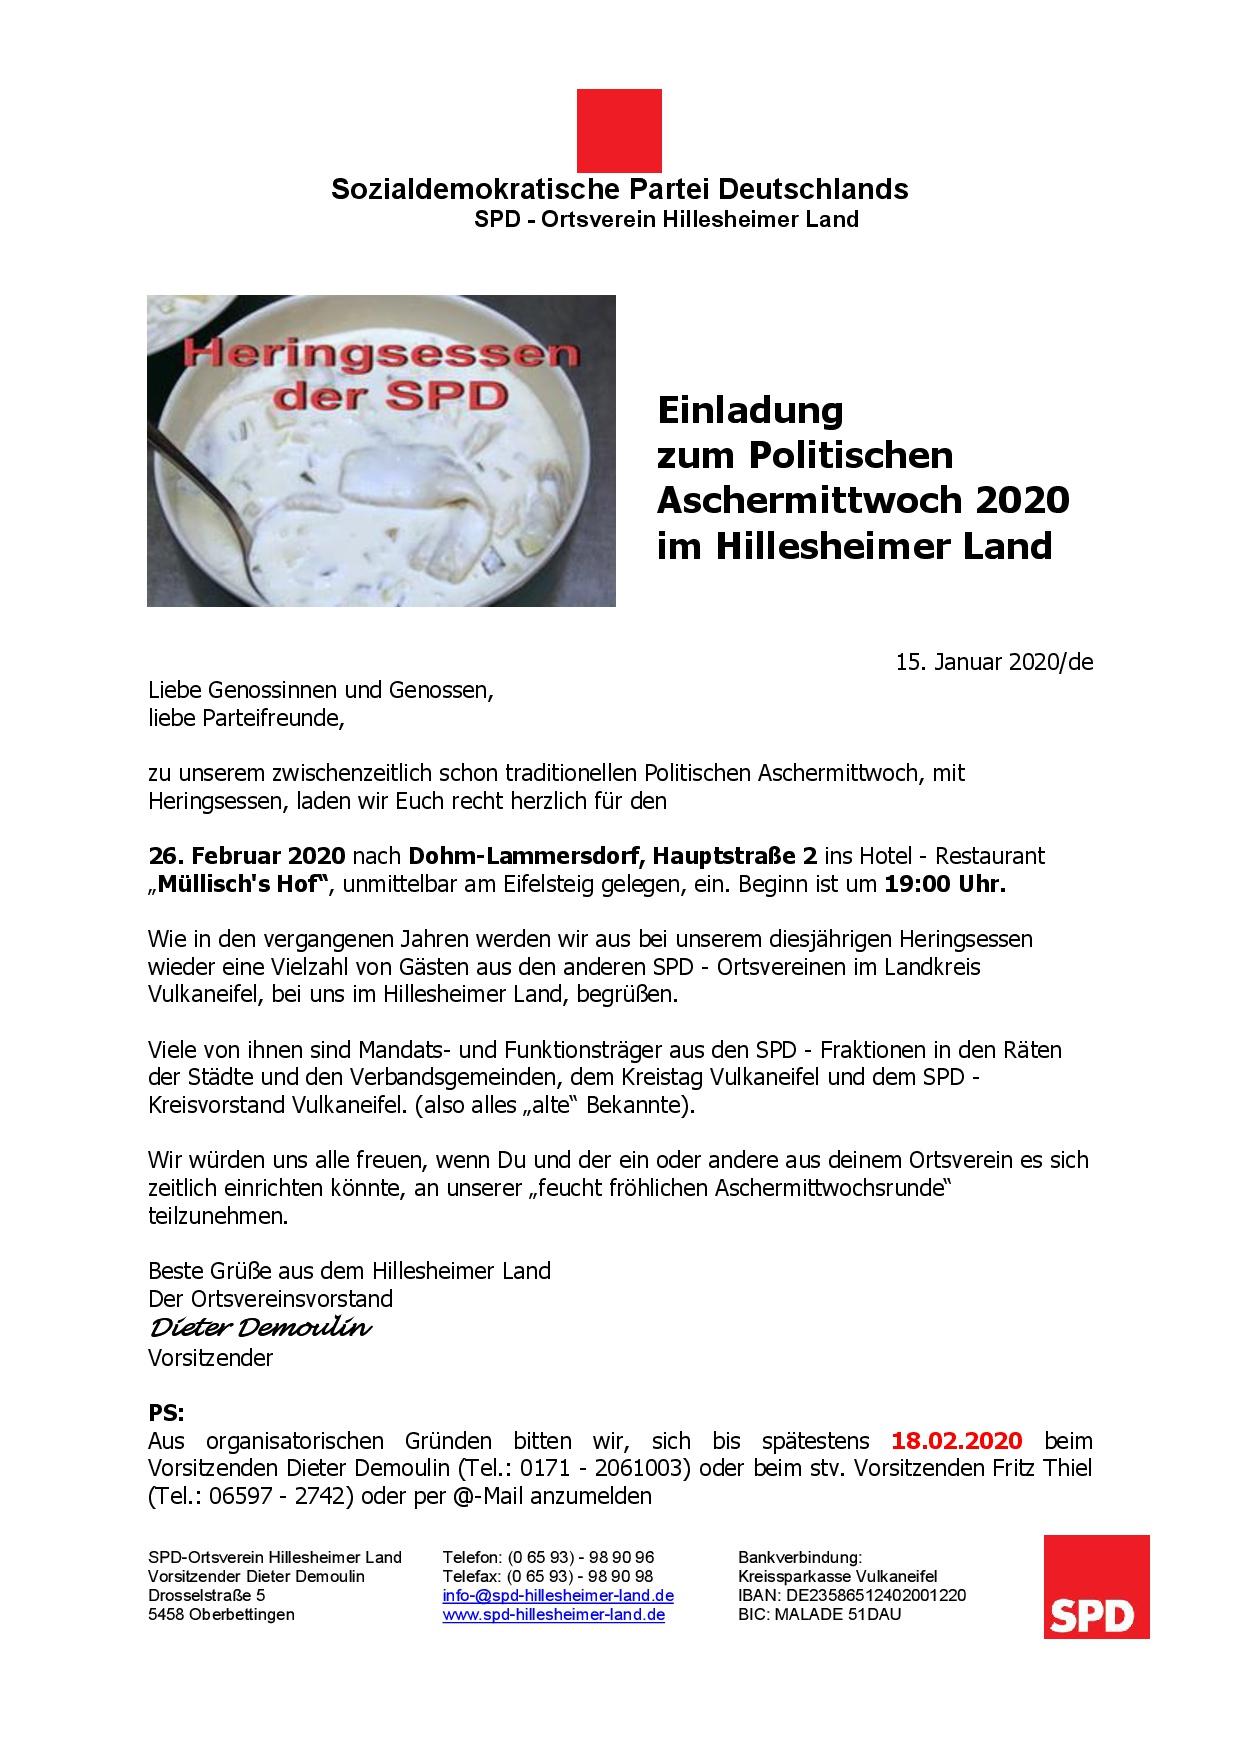 Einladung zum Politischen Aschermittwoch 2020 im Hillesheimer Land